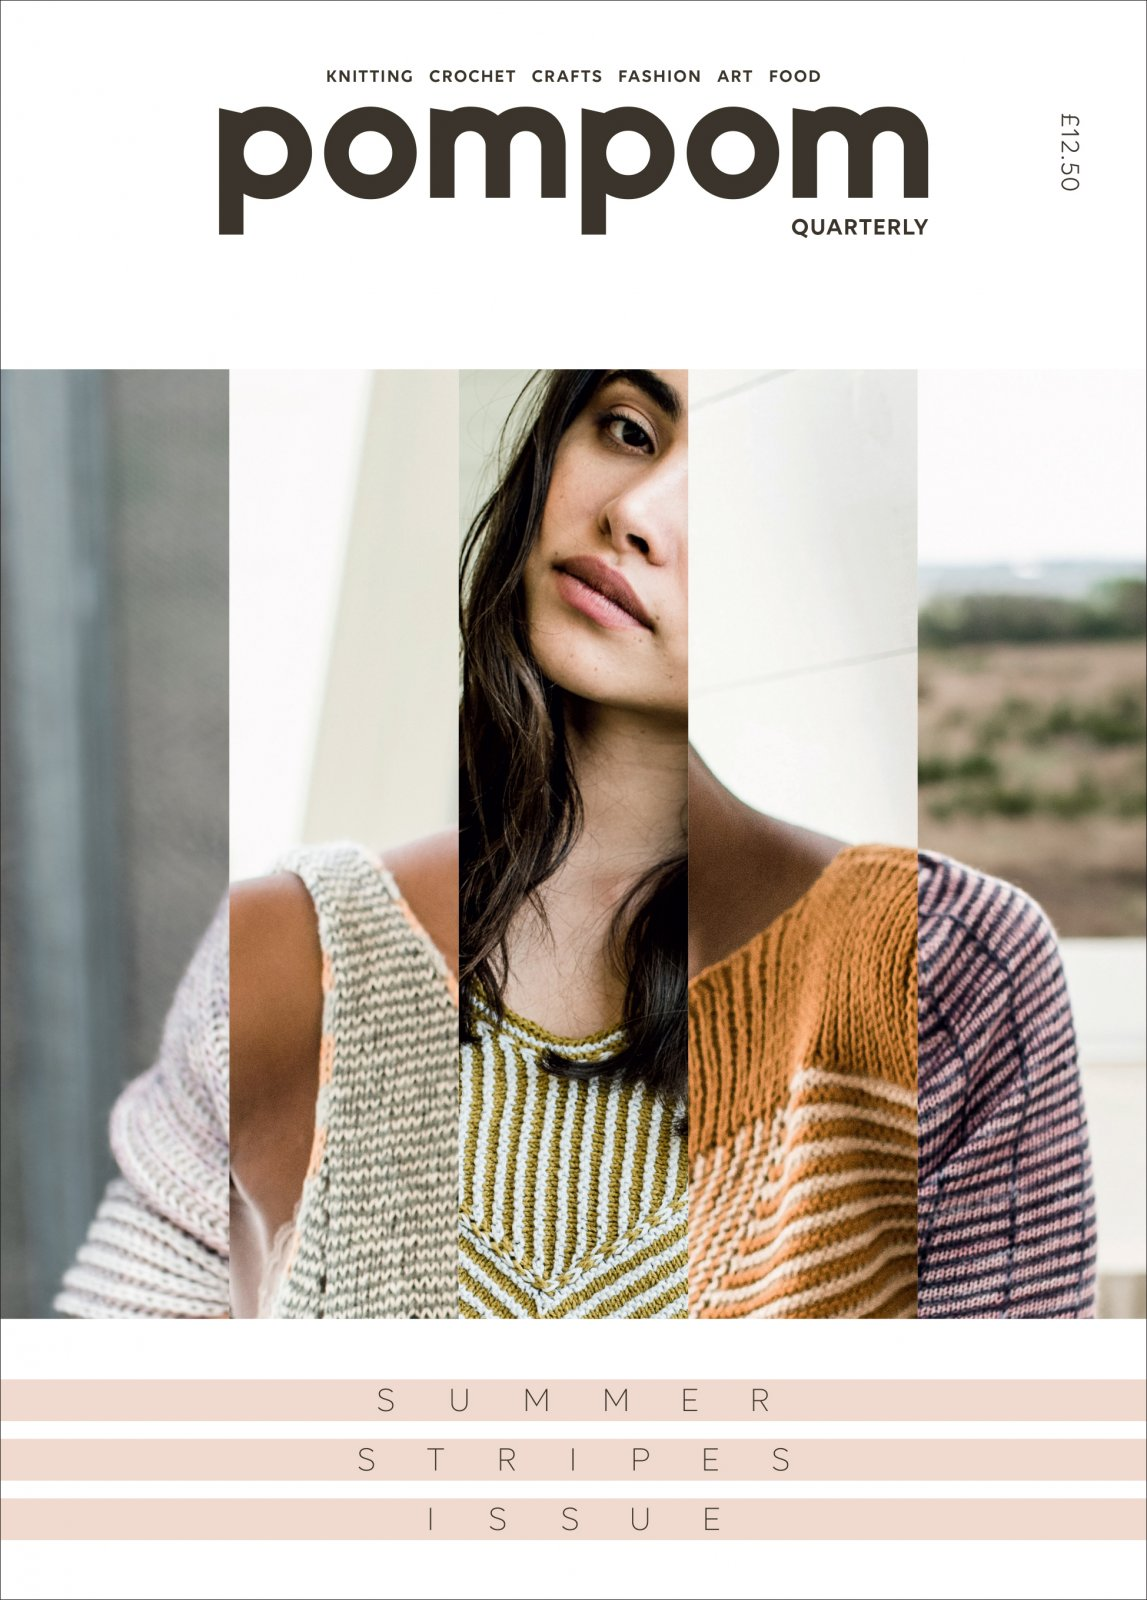 Pom Pom, Issue 25 - Summer 2018 - Summer Stripes